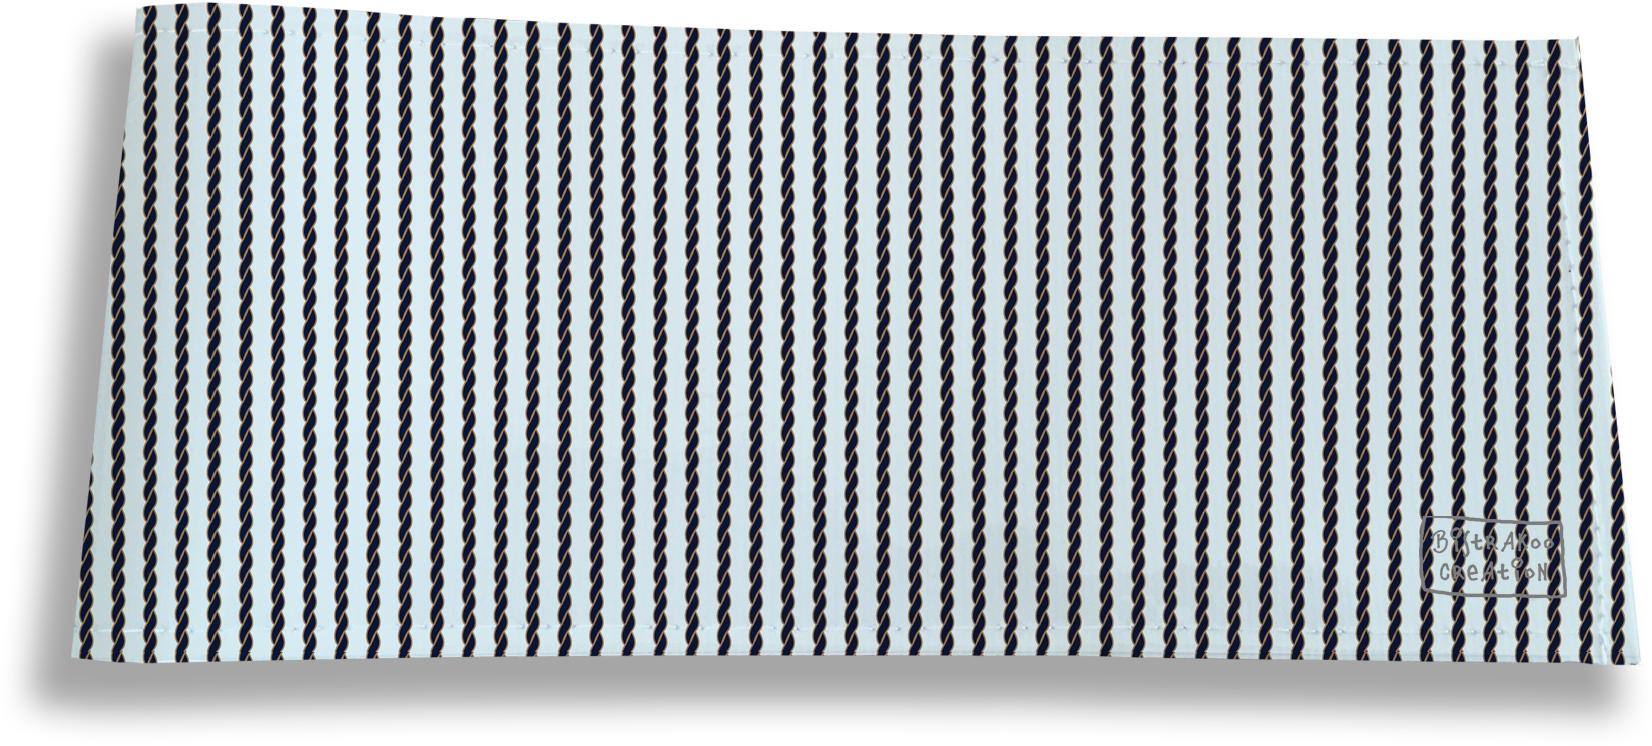 Porte-chéquier long horizontal pour homme motif Cordage bleu marine 2139